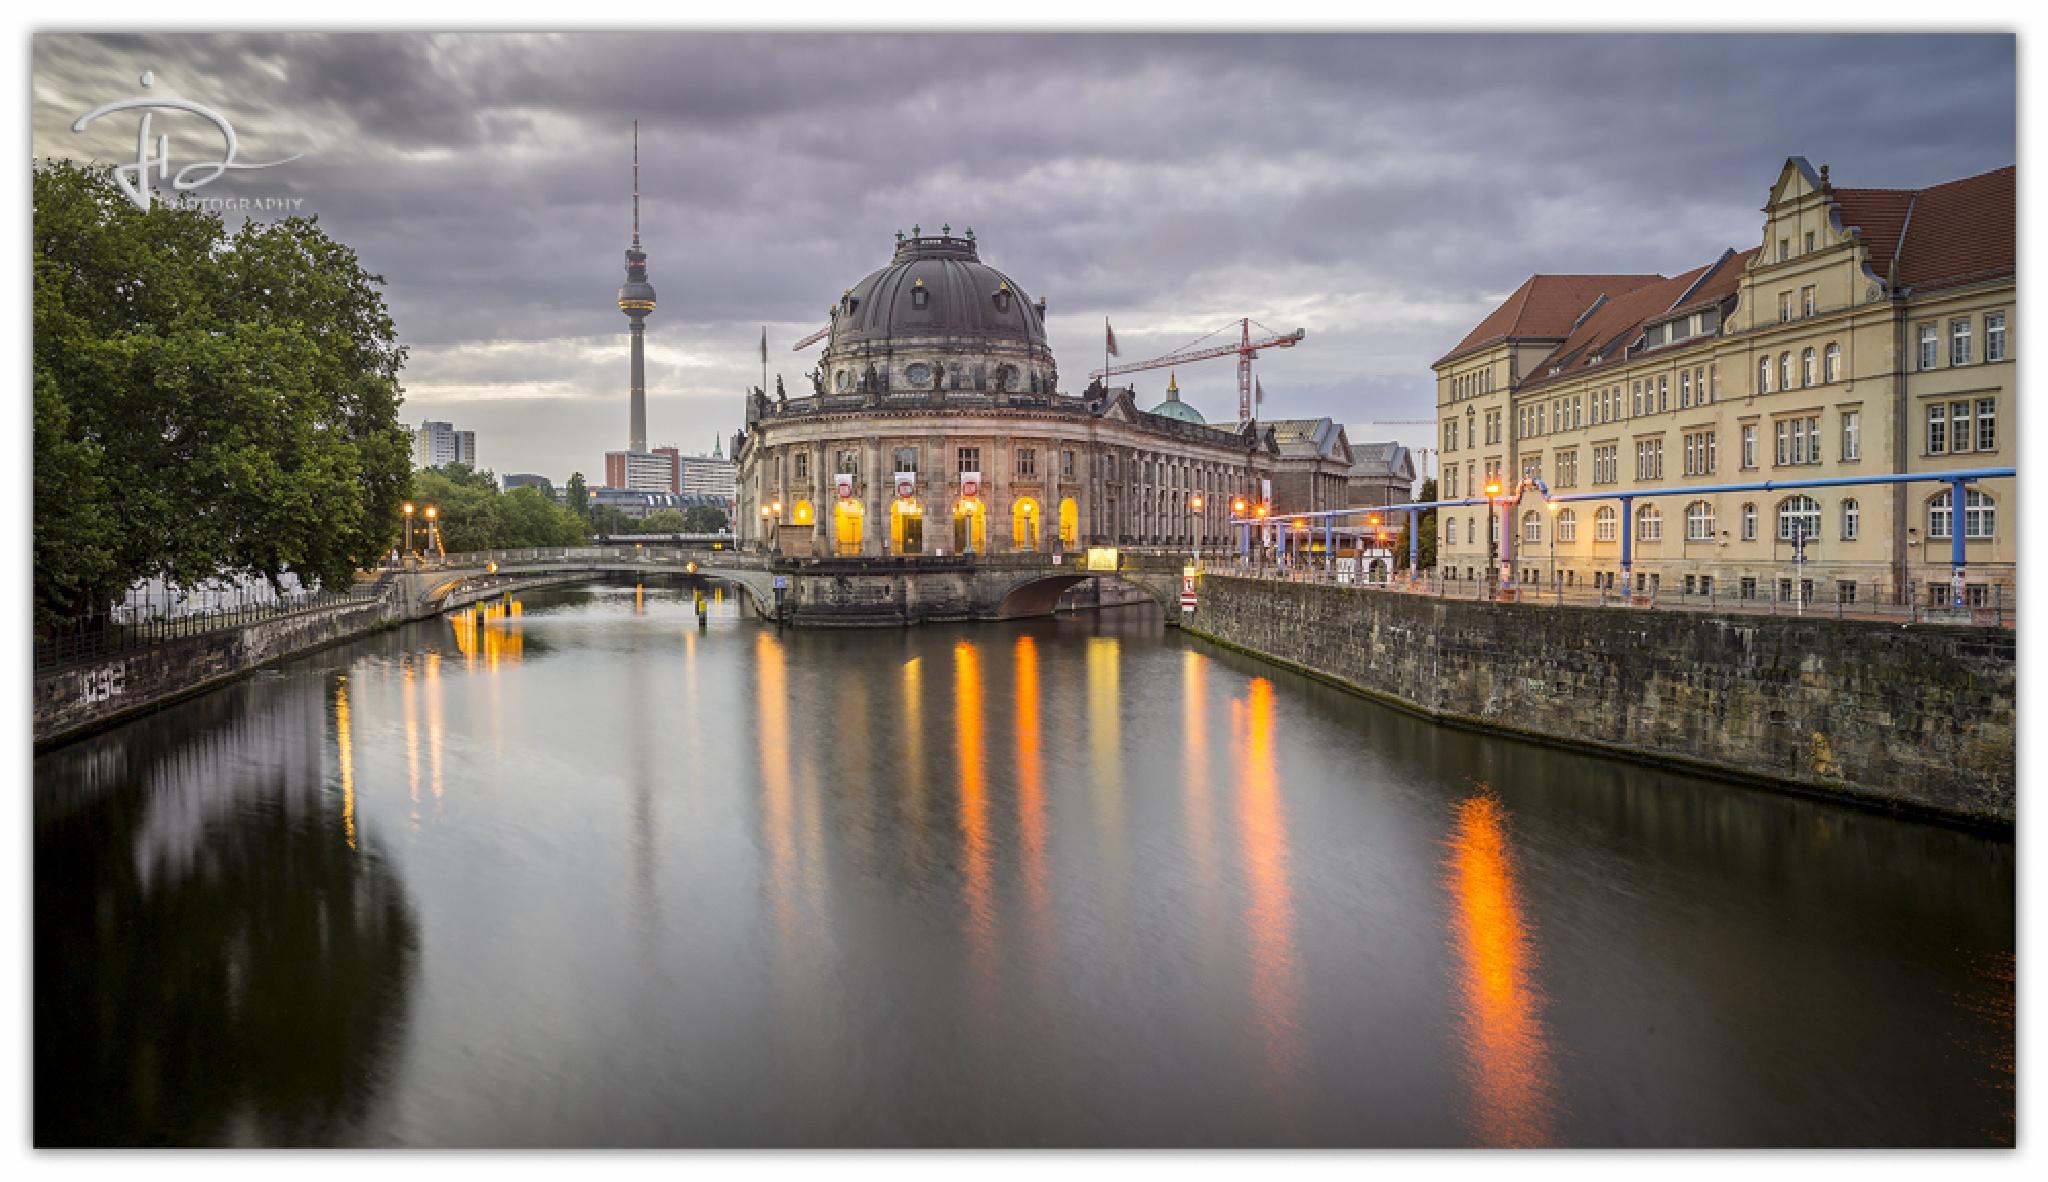 Berlin Dawn by Jaime Dormer